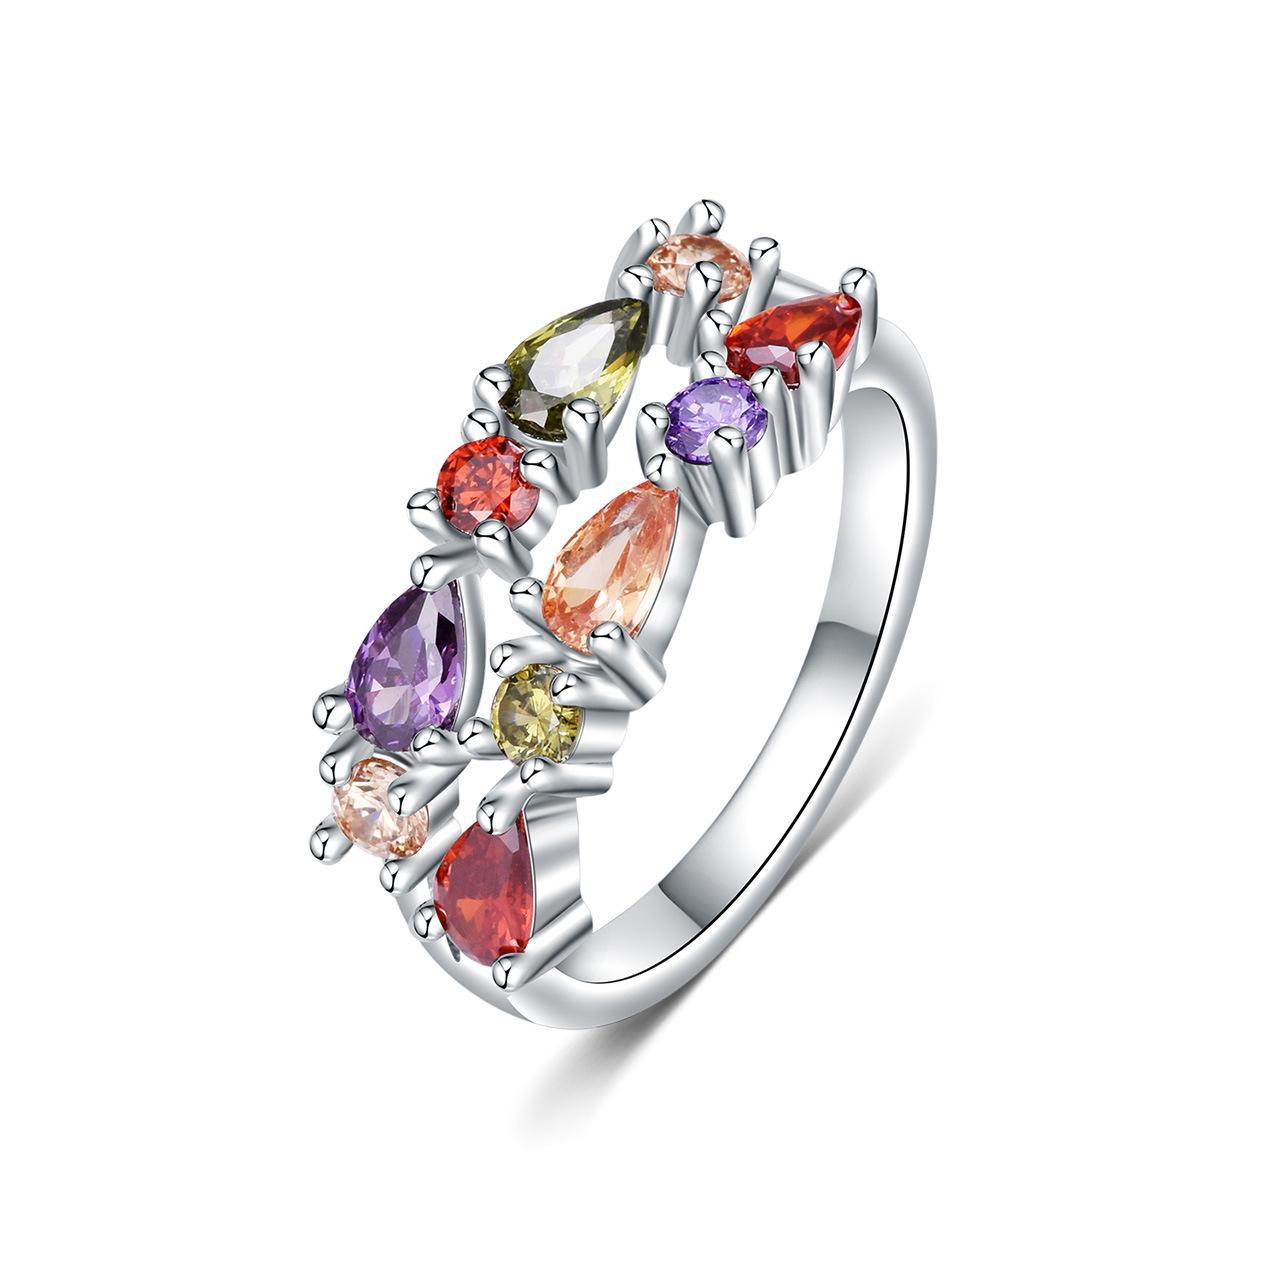 De nouveaux modèles de vente chaud anneaux de design de mode européens et américains, bague en diamant, bague colorée dames de la mode